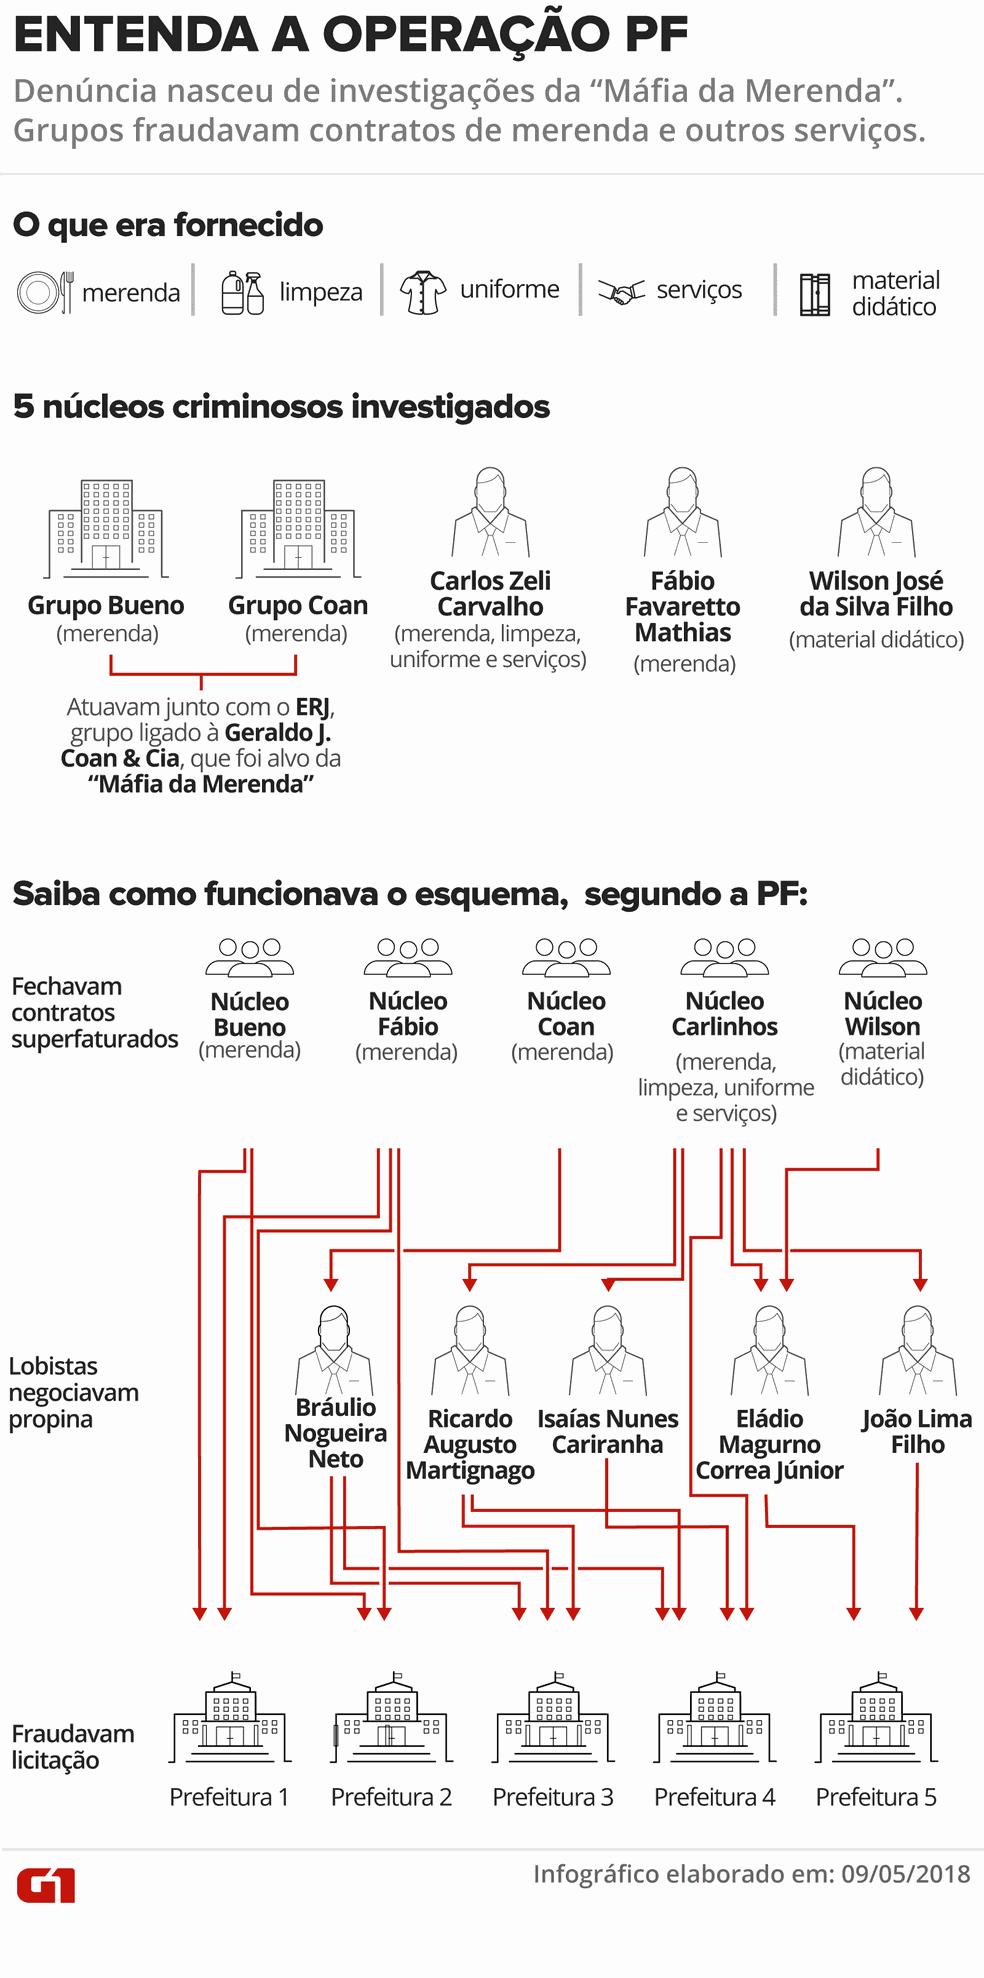 Entenda a Operação Prato Feito, que apura desvios em prefeituras (Foto: Infográfico: Juliane Monteiro/G1)